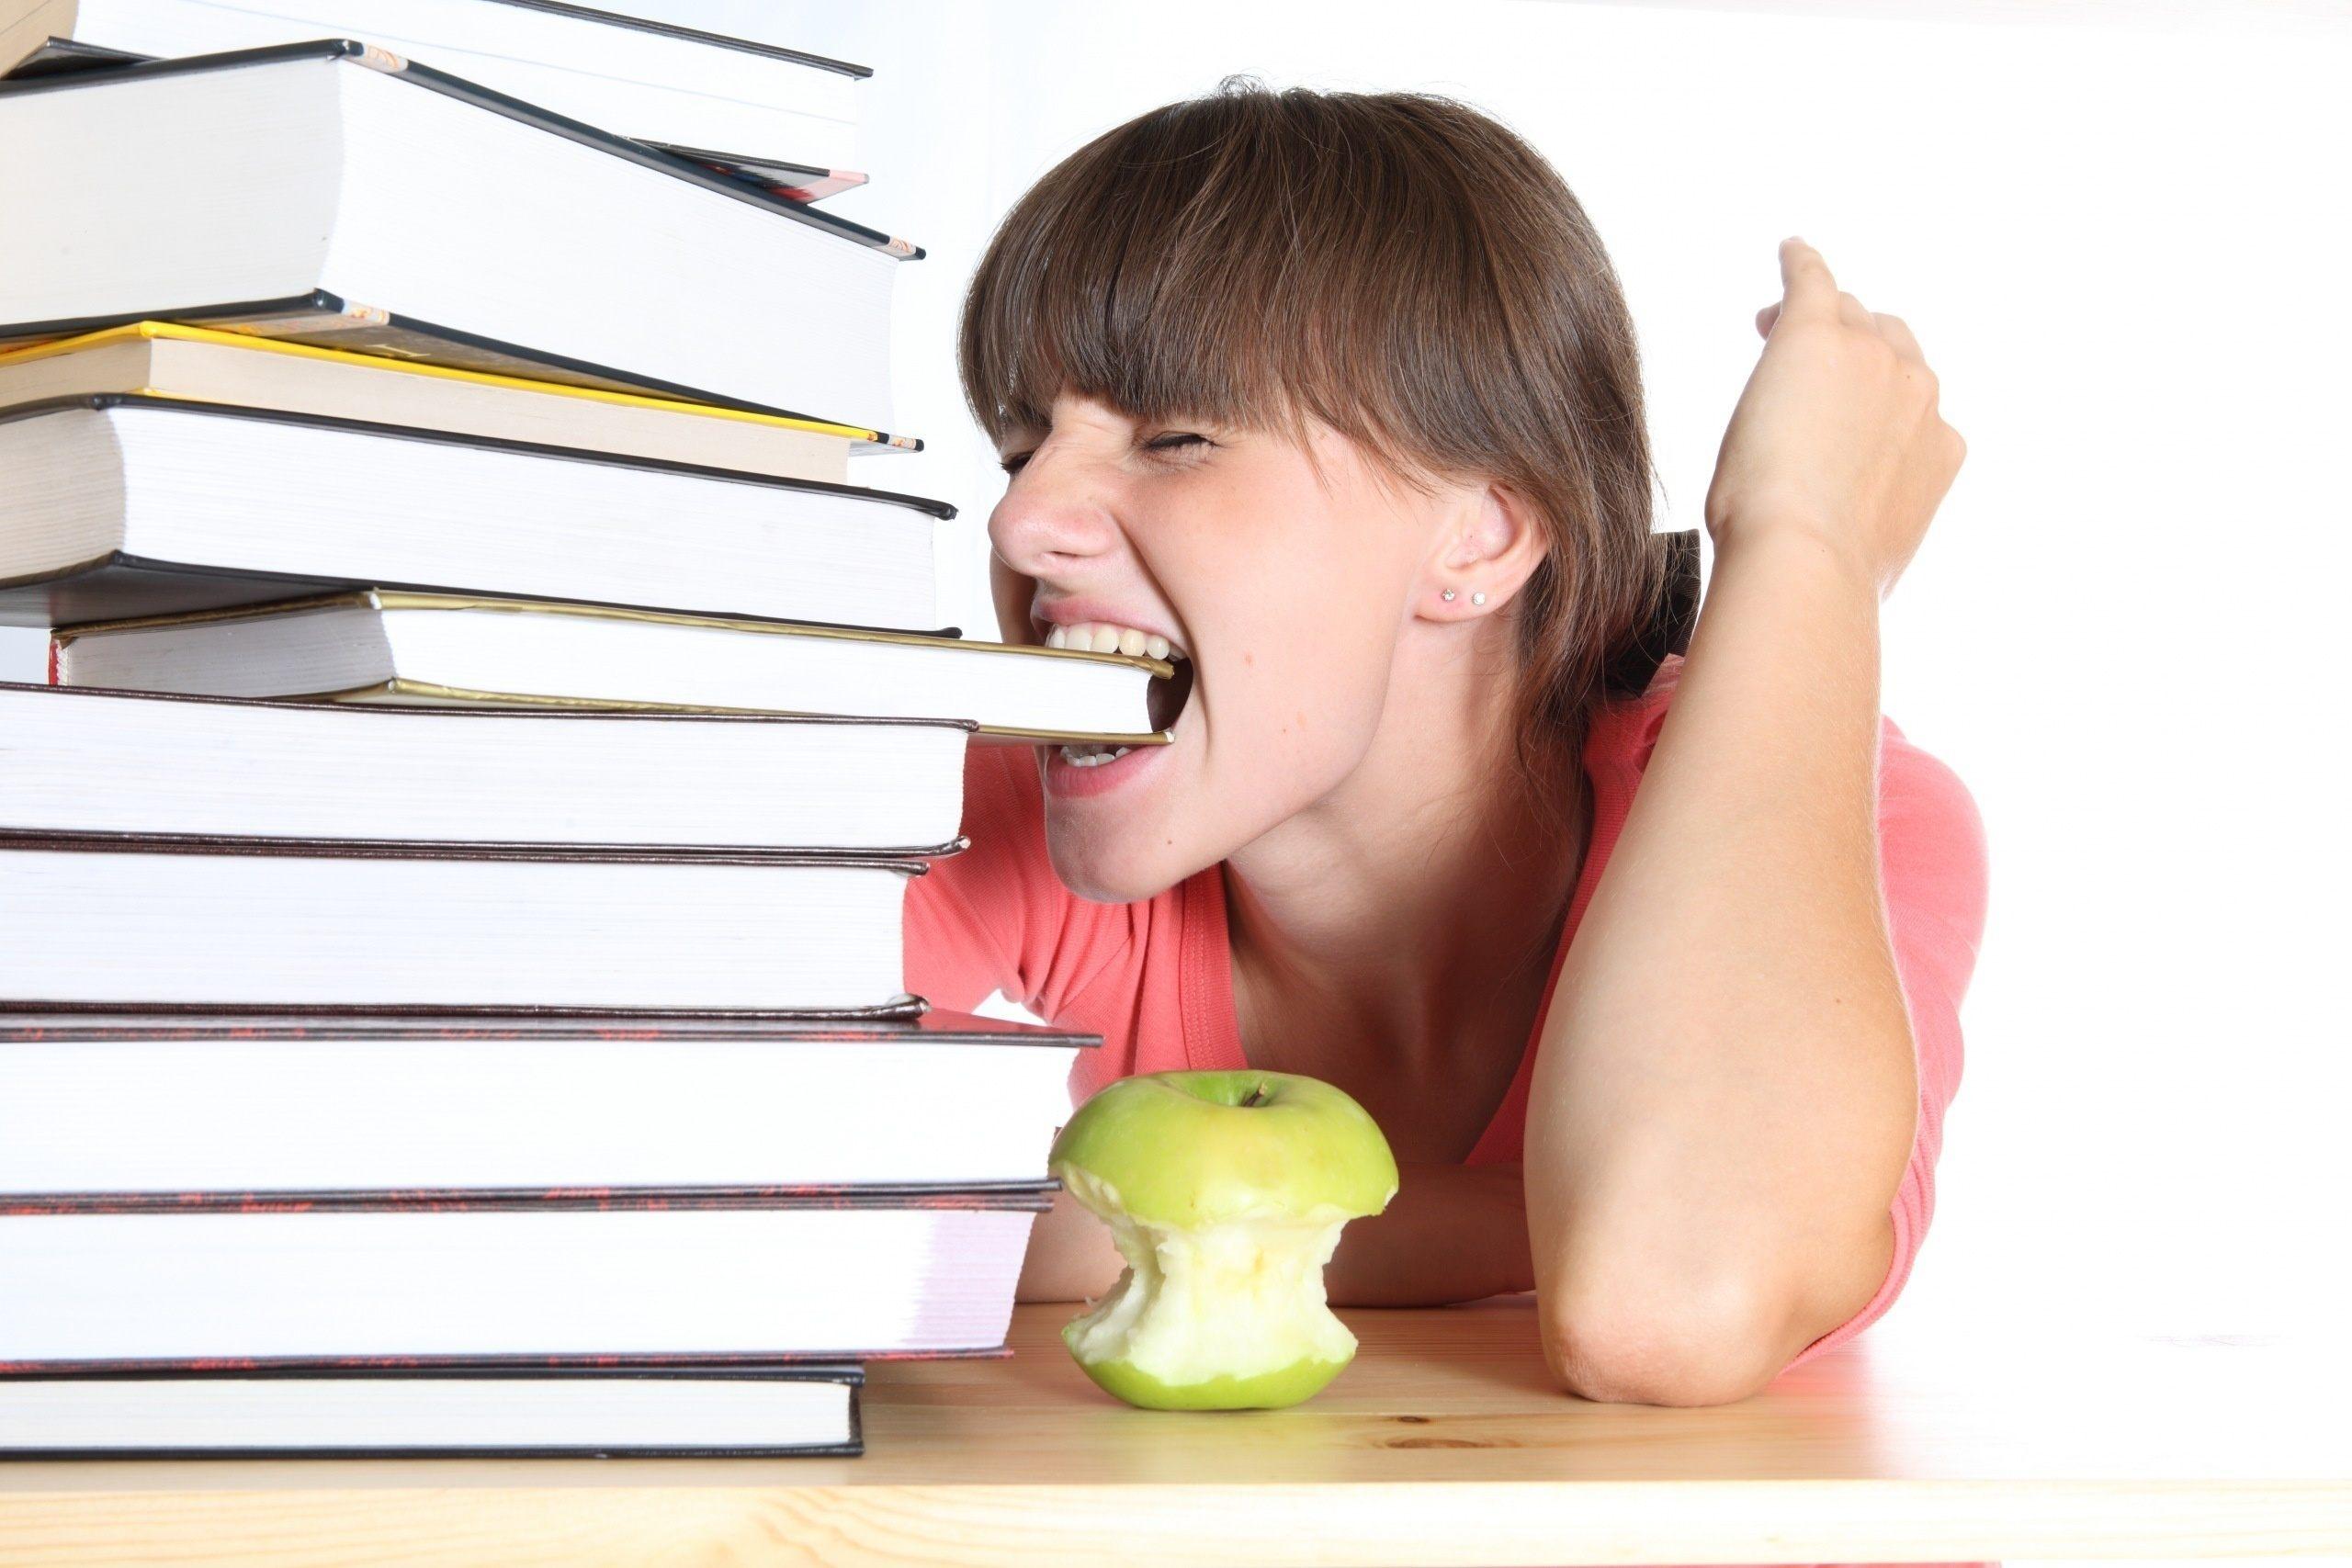 Смешные картинки на тему обучения